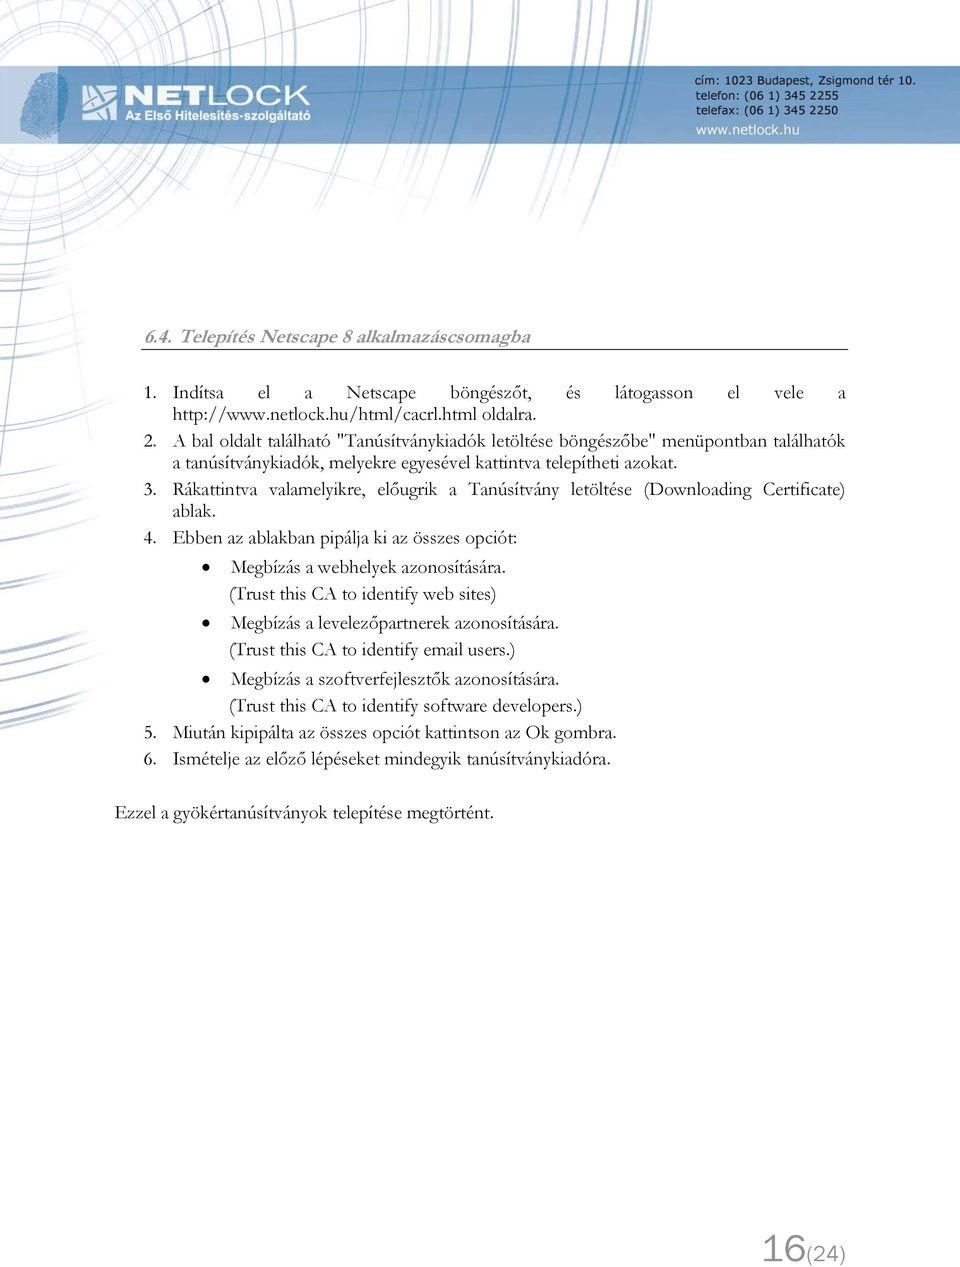 Különbség a részvény tanúsítvány és a részvény opció között (összehasonlító táblázat) - 2020 - Blog